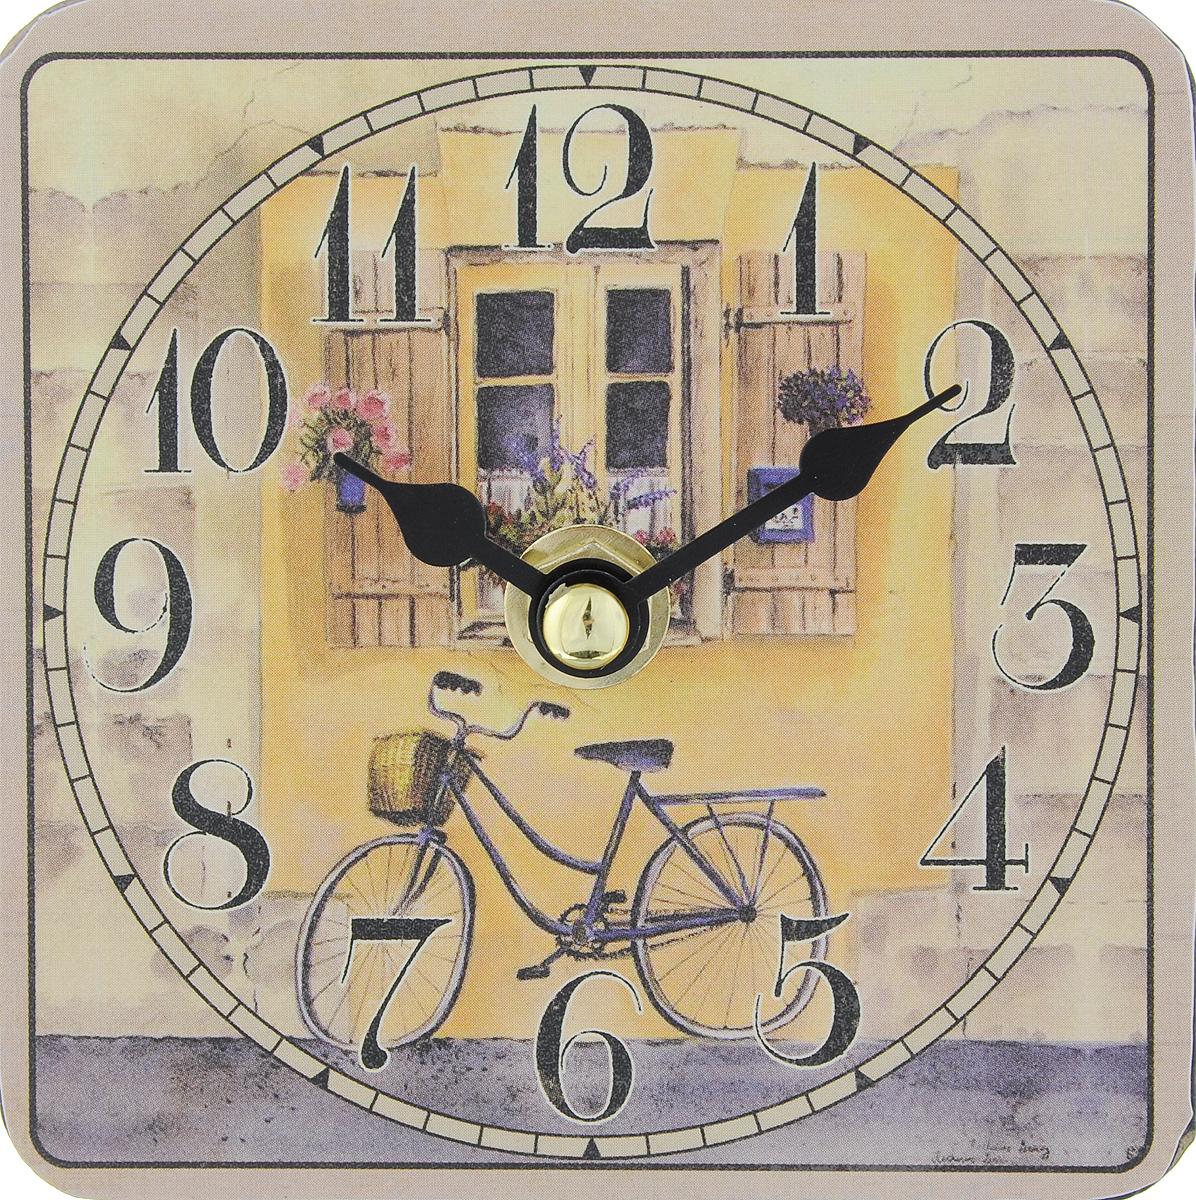 Часы настольные Феникс-Презент Велосипед, 10 х 10 см40733Настольные часы квадратной формы Феникс-Презент Велосипедсвоим эксклюзивным дизайном подчеркнут оригинальностьинтерьера вашего дома.Циферблат оформлен цветным рисунком.Часы выполнены из МДФ. МДФ (мелкодисперсные фракции)представляет собой плиту из запрессованной вакуумным способомдеревянной пыли и является наиболее экологически чистымматериалом среди себе подобных.Часы имеют две стрелки - часовую и минутную. Настольные часы Феникс-Презент Велосипед подходят длякухни, гостиной, прихожей или дачи, а также могут стать отличнымподарком для друзей и близких. ВНИМАНИЕ!!! Часы работают от сменной батареи типа АА 1,5V(в комплект не входит).